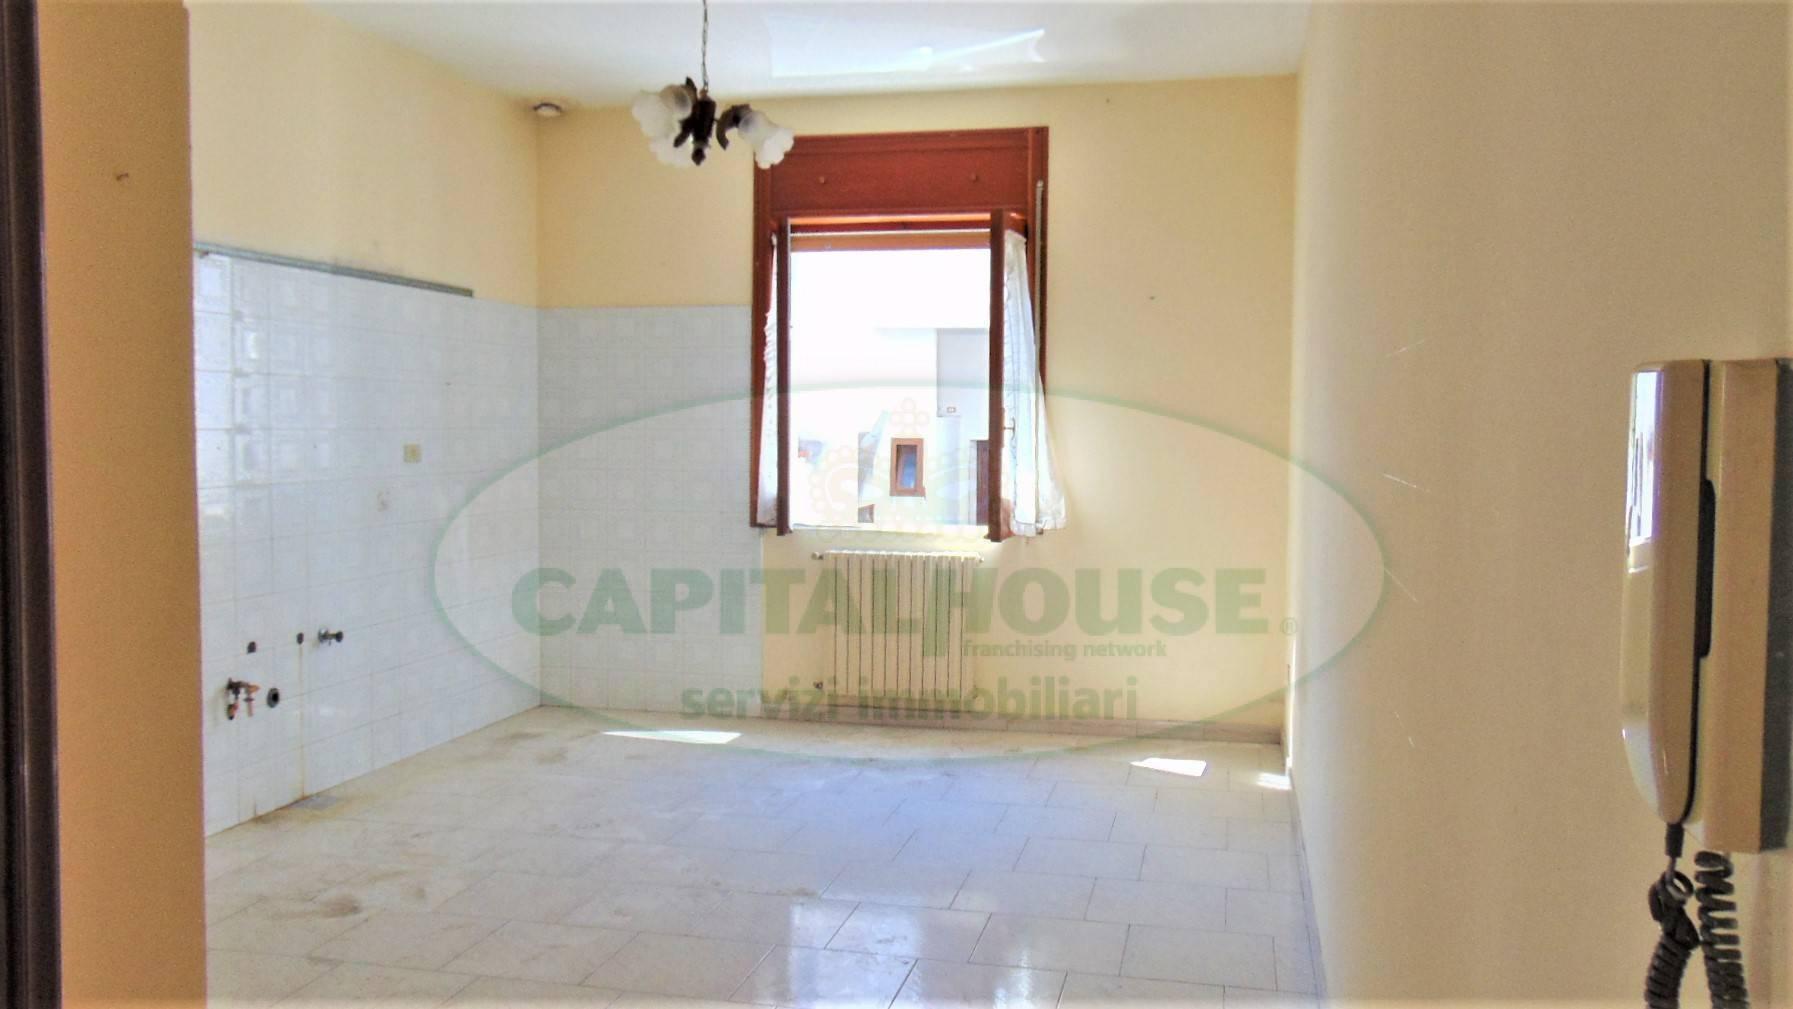 Appartamento in vendita a Baiano (AV)